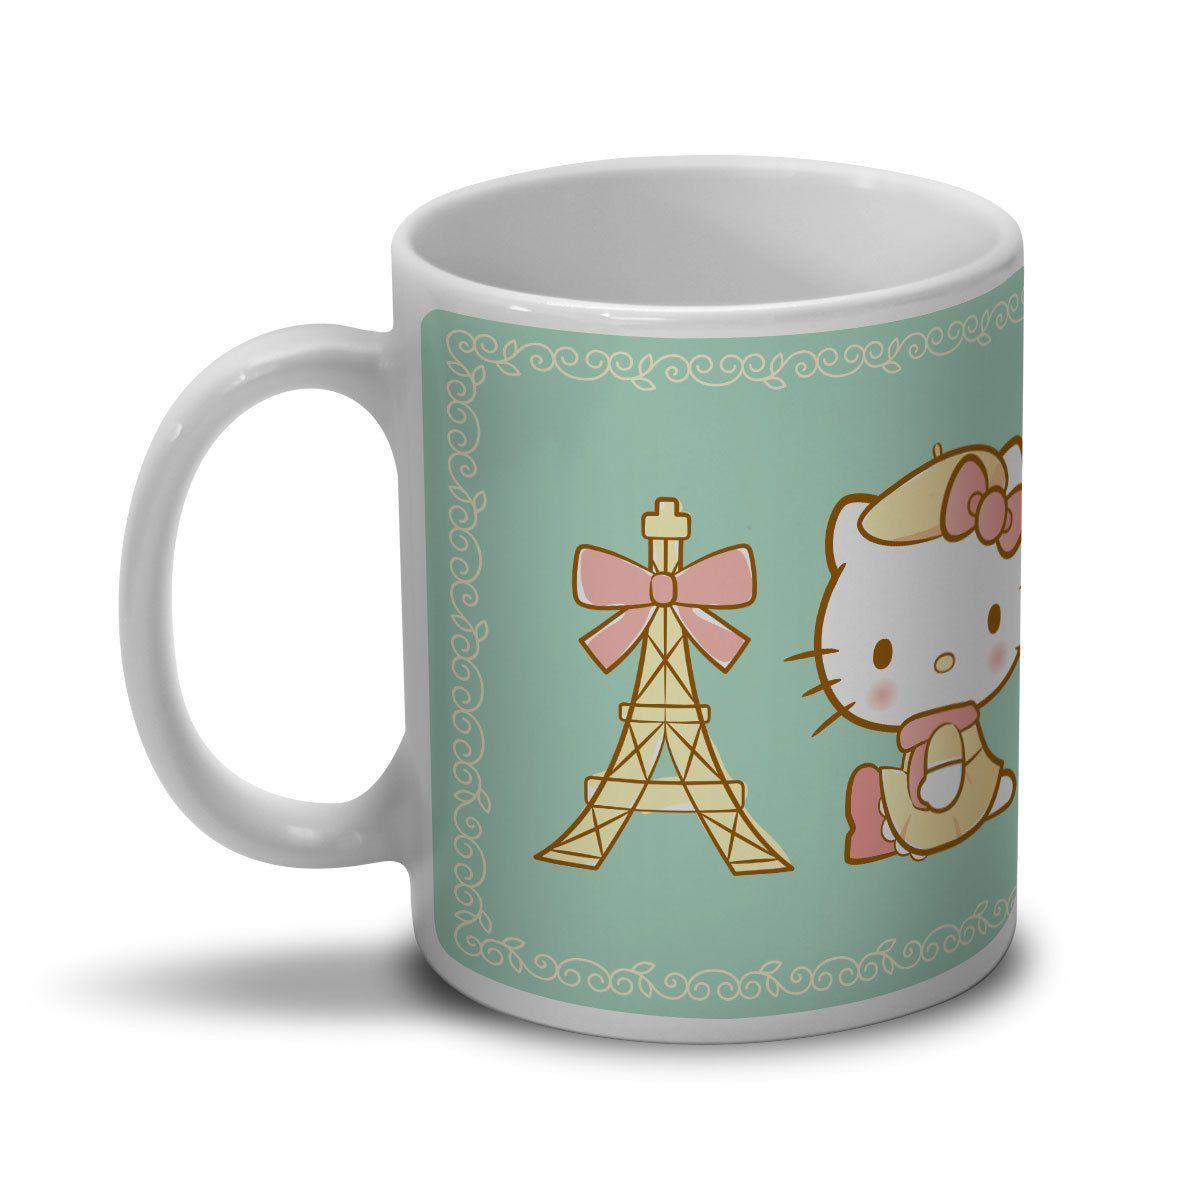 Caneca Hello Kitty Un Petit Cadeau de Paris  - bandUP Store Marketplace